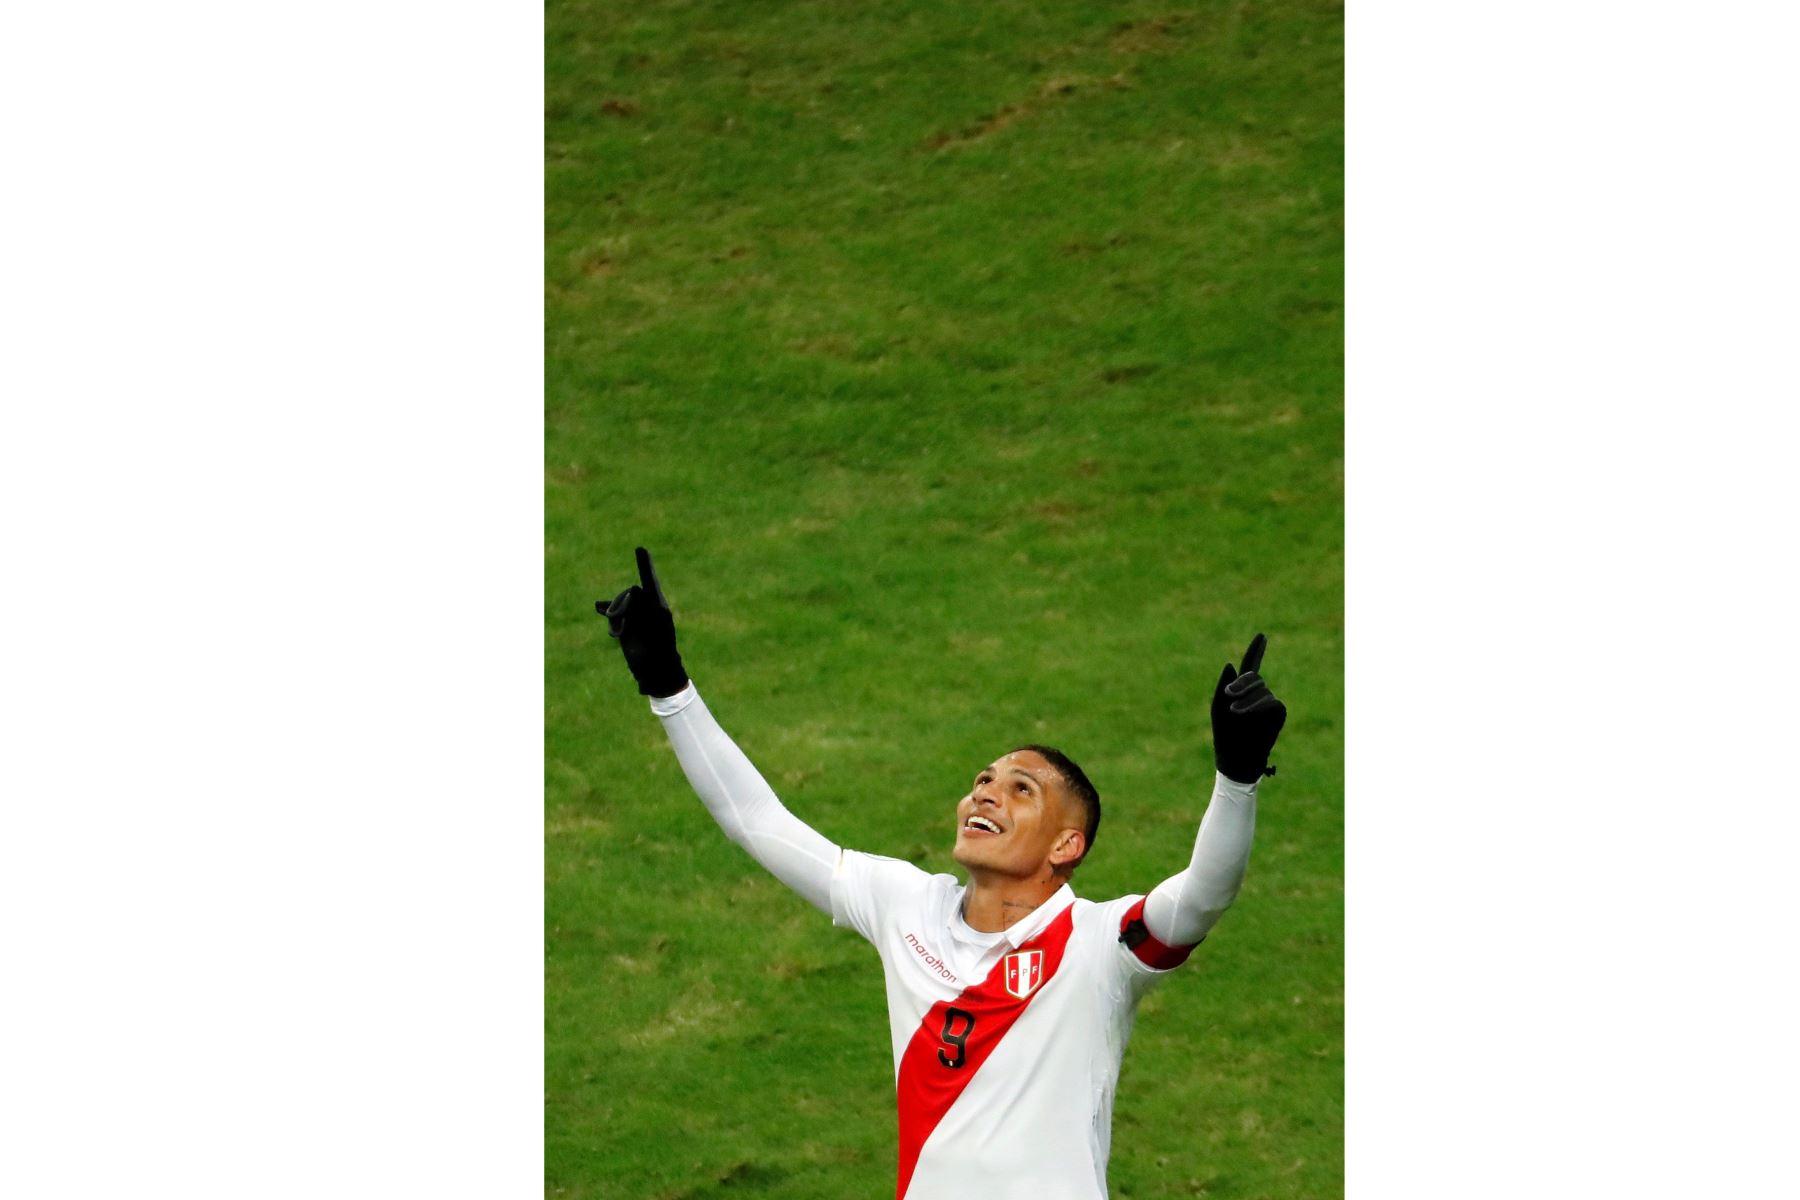 El jugador de Perú Paolo Guerrero celebra un gol, durante el partido Chile-Perú de semifinales de la Copa América de Fútbol 2019. Foto: EFE